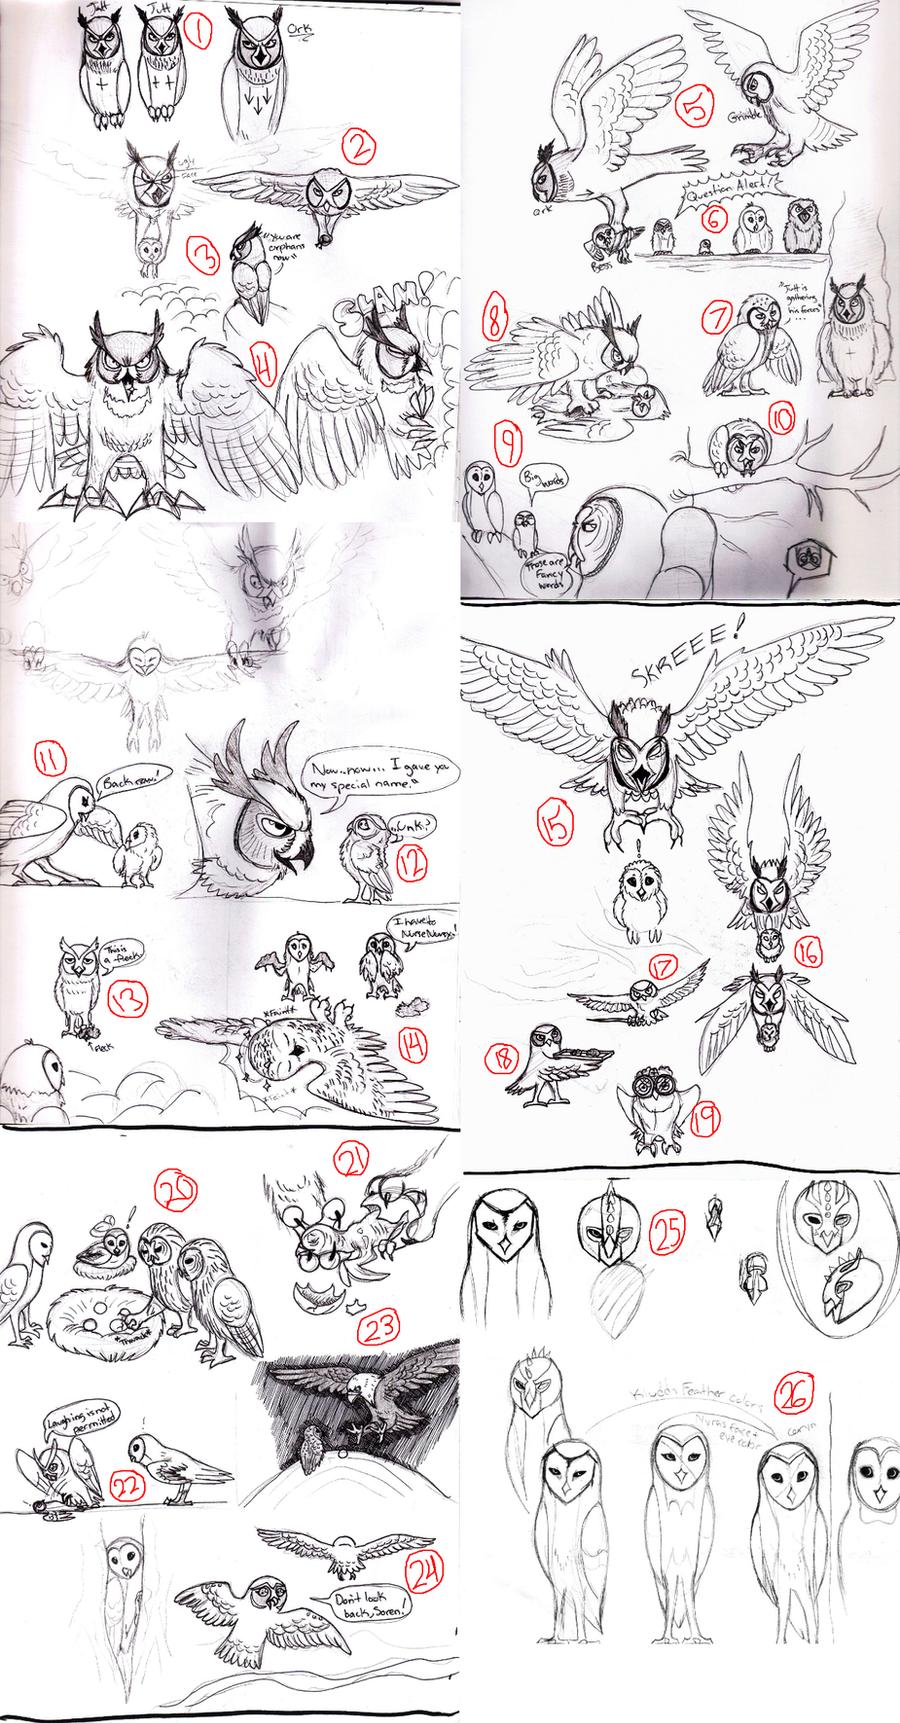 GoG Sketch Dump 2 by x-EBee-x